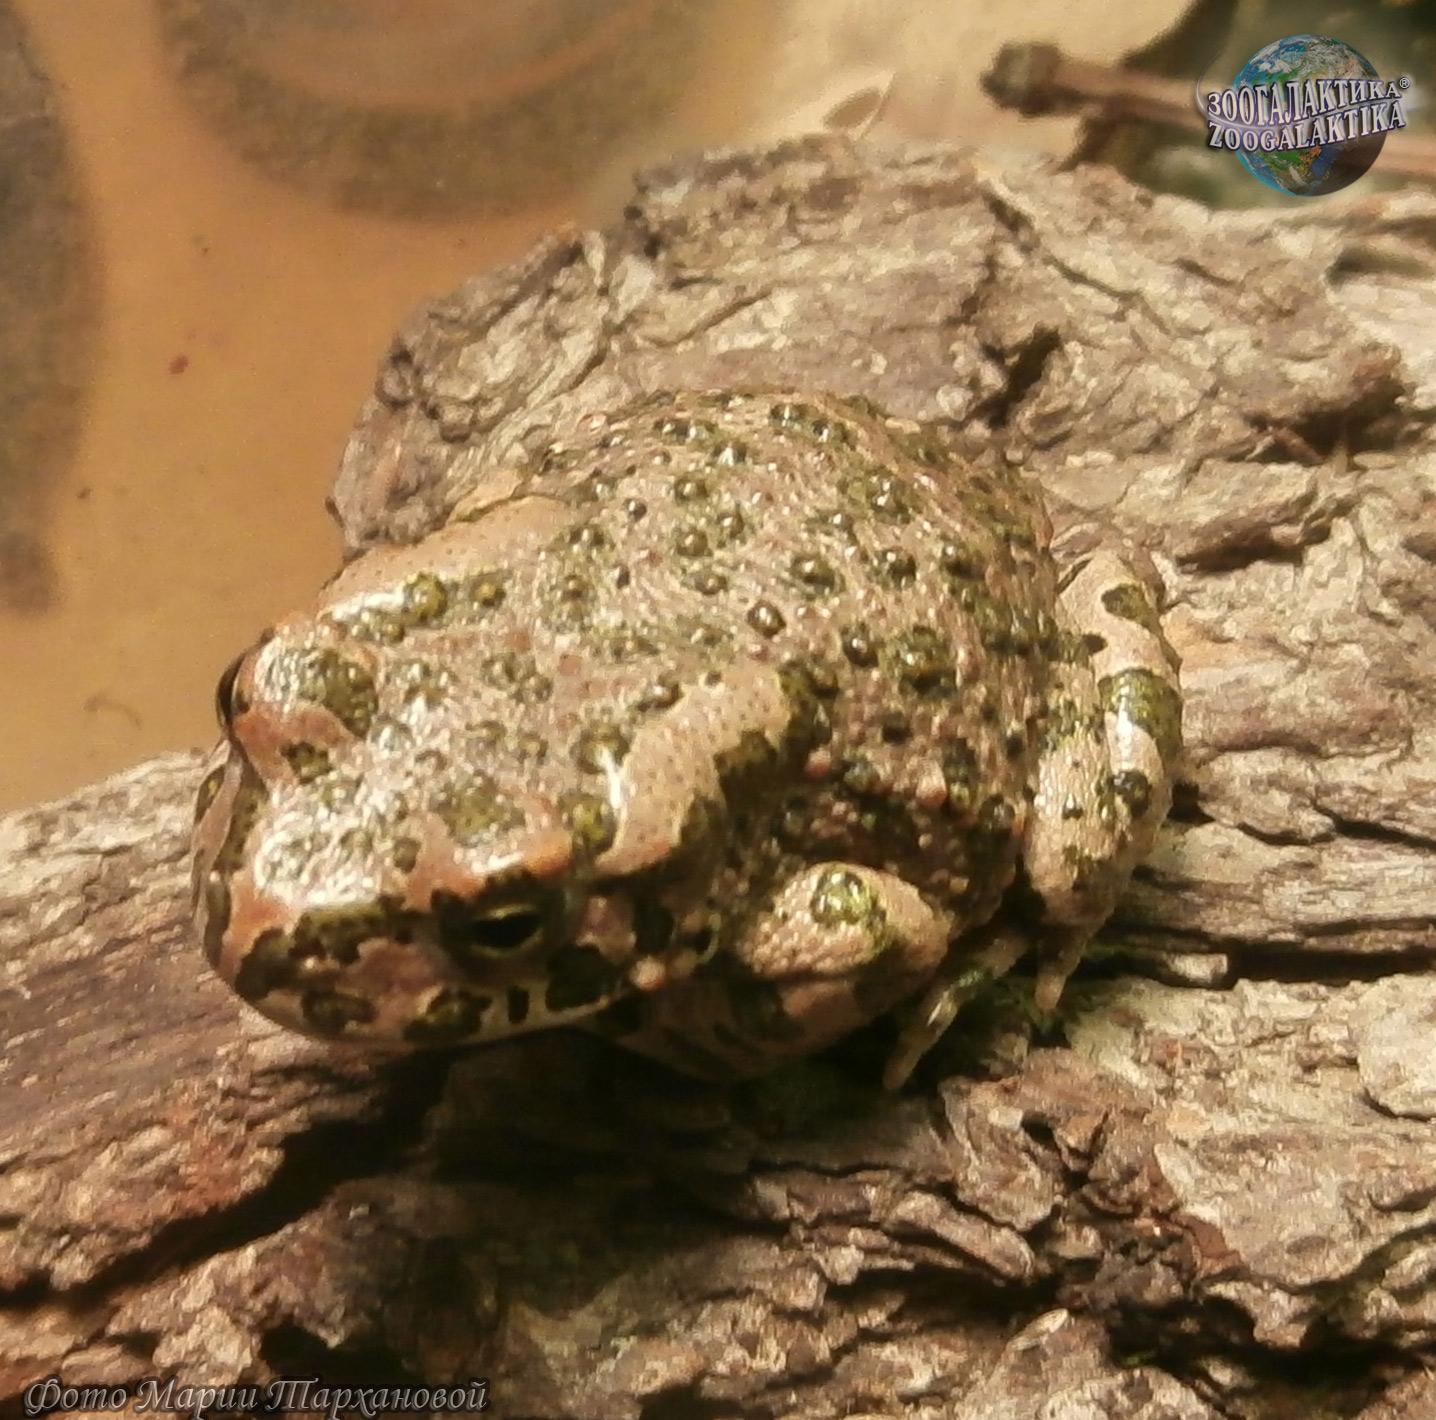 Зелёная жаба Pseudepidalea viridis | Описания и фото ... Жаба Зеленая